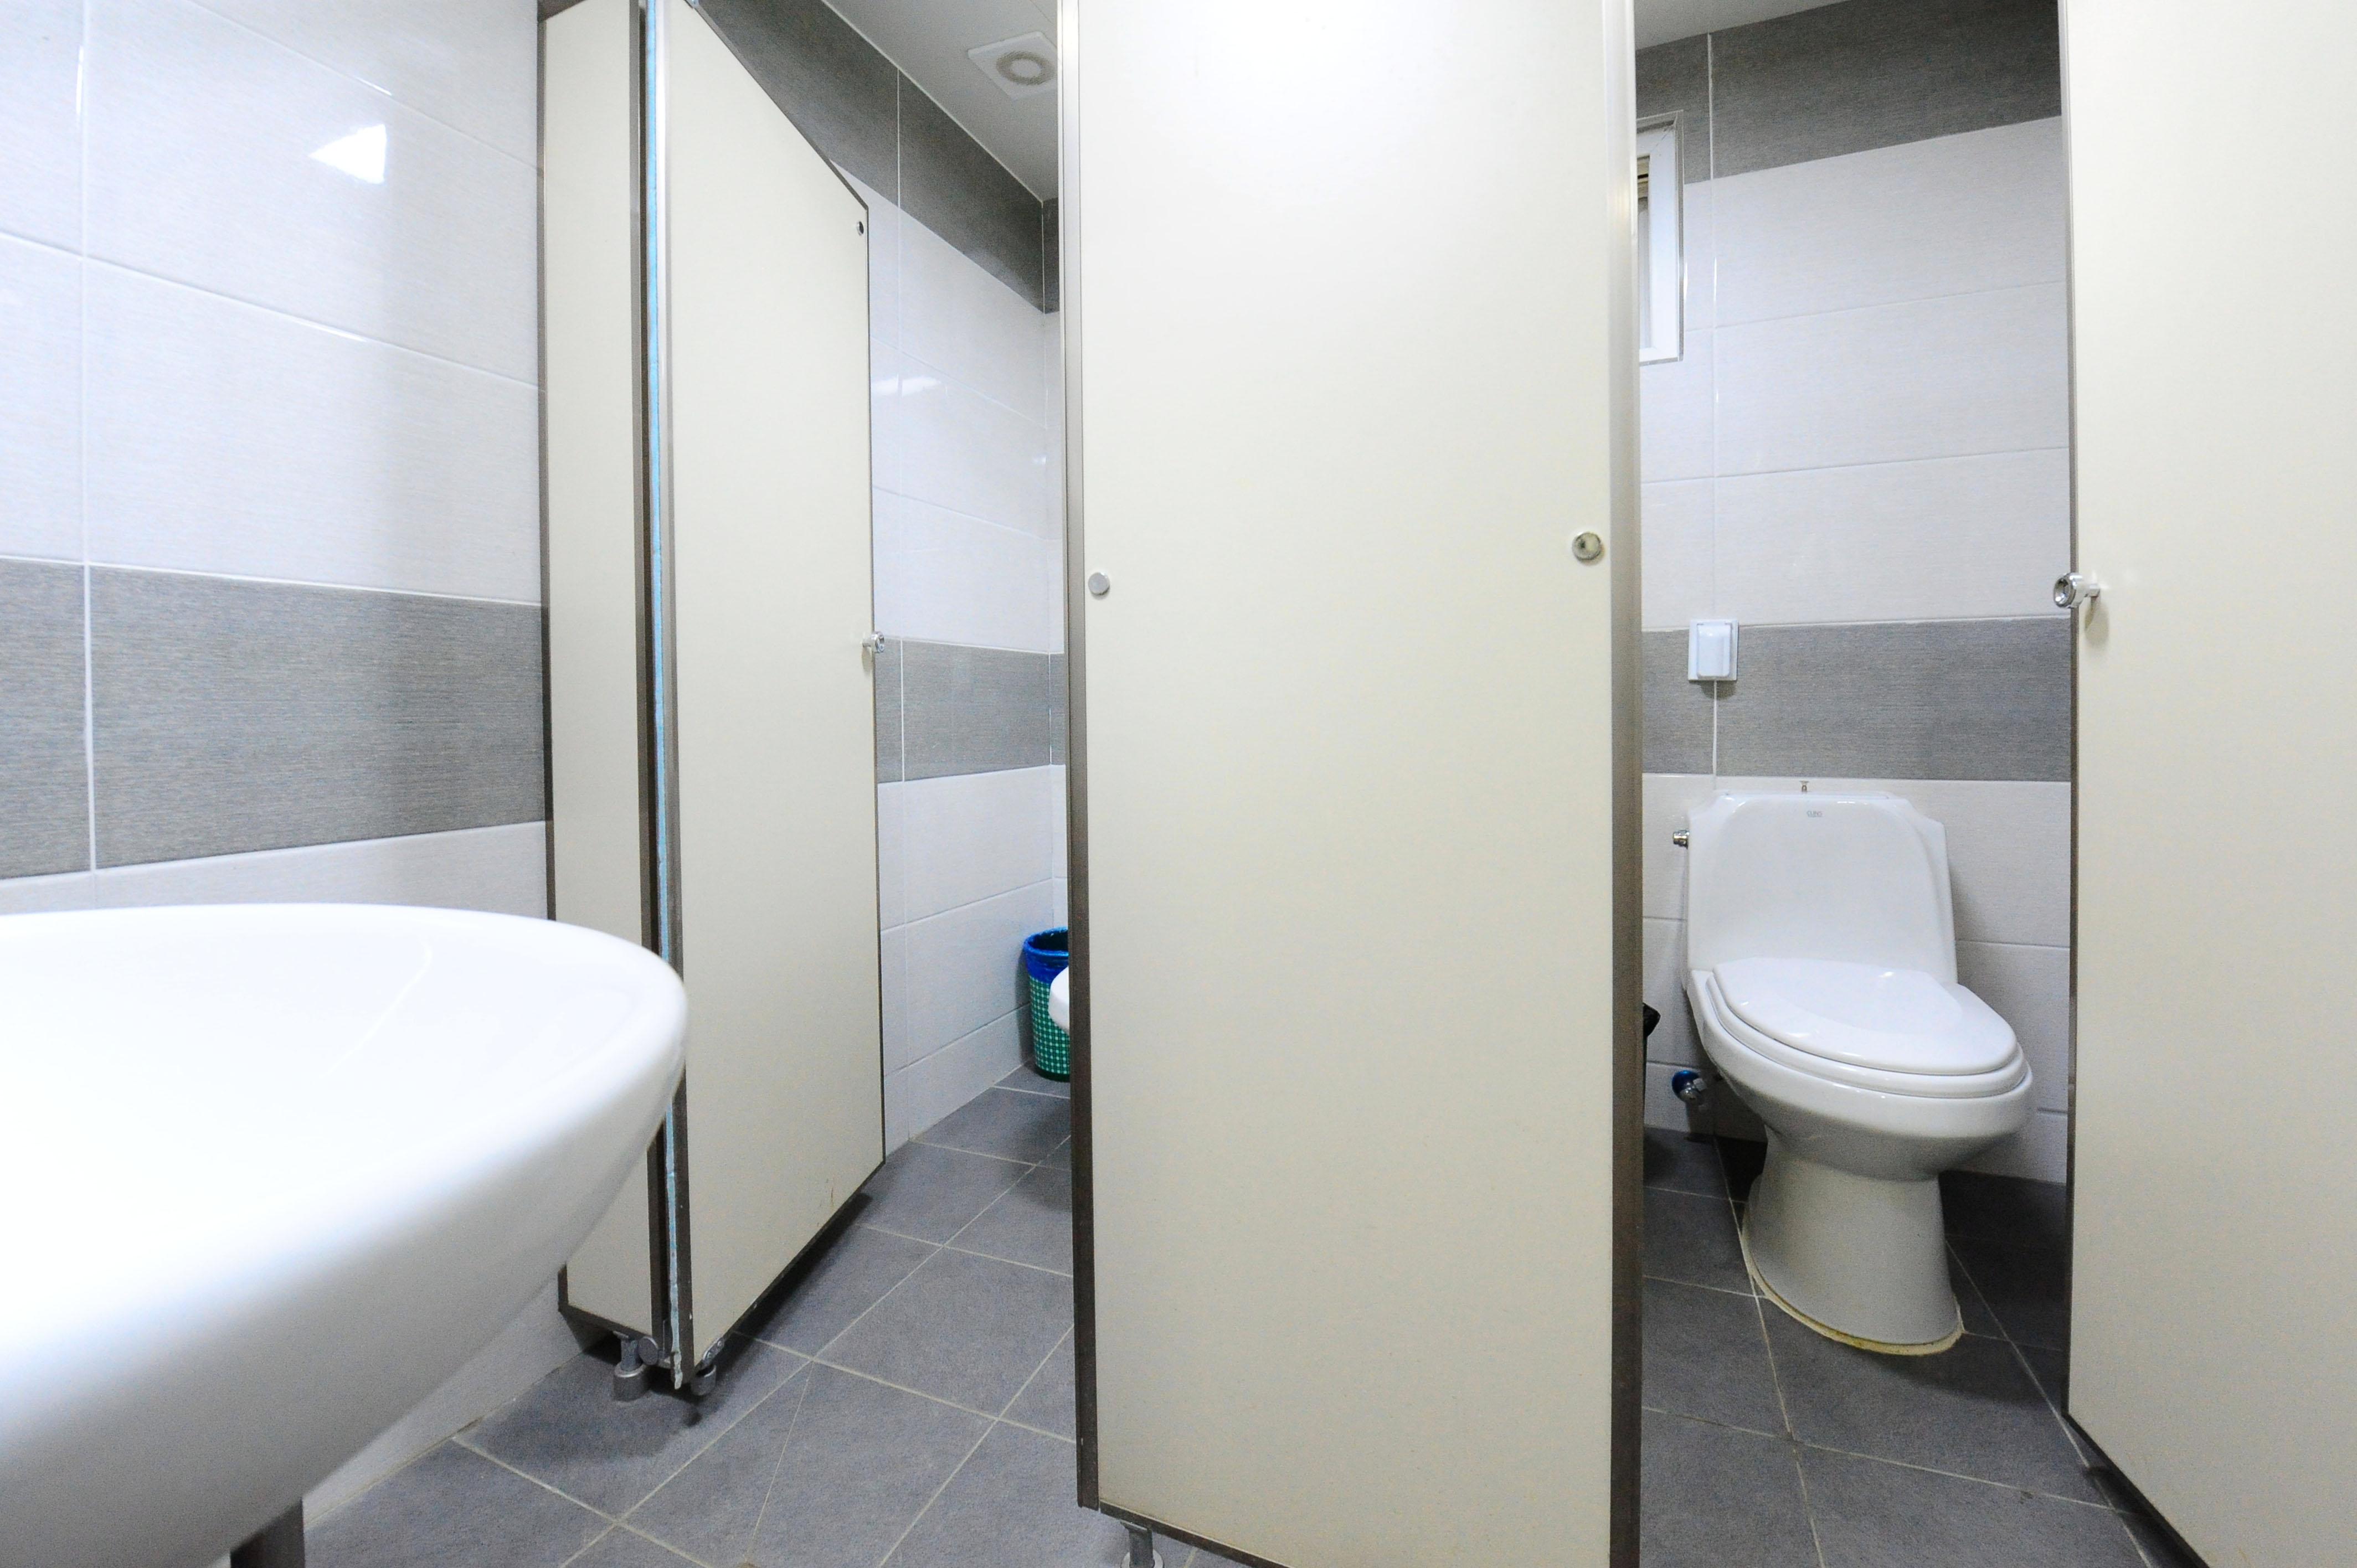 단풍나무관 2층 여자 화장실